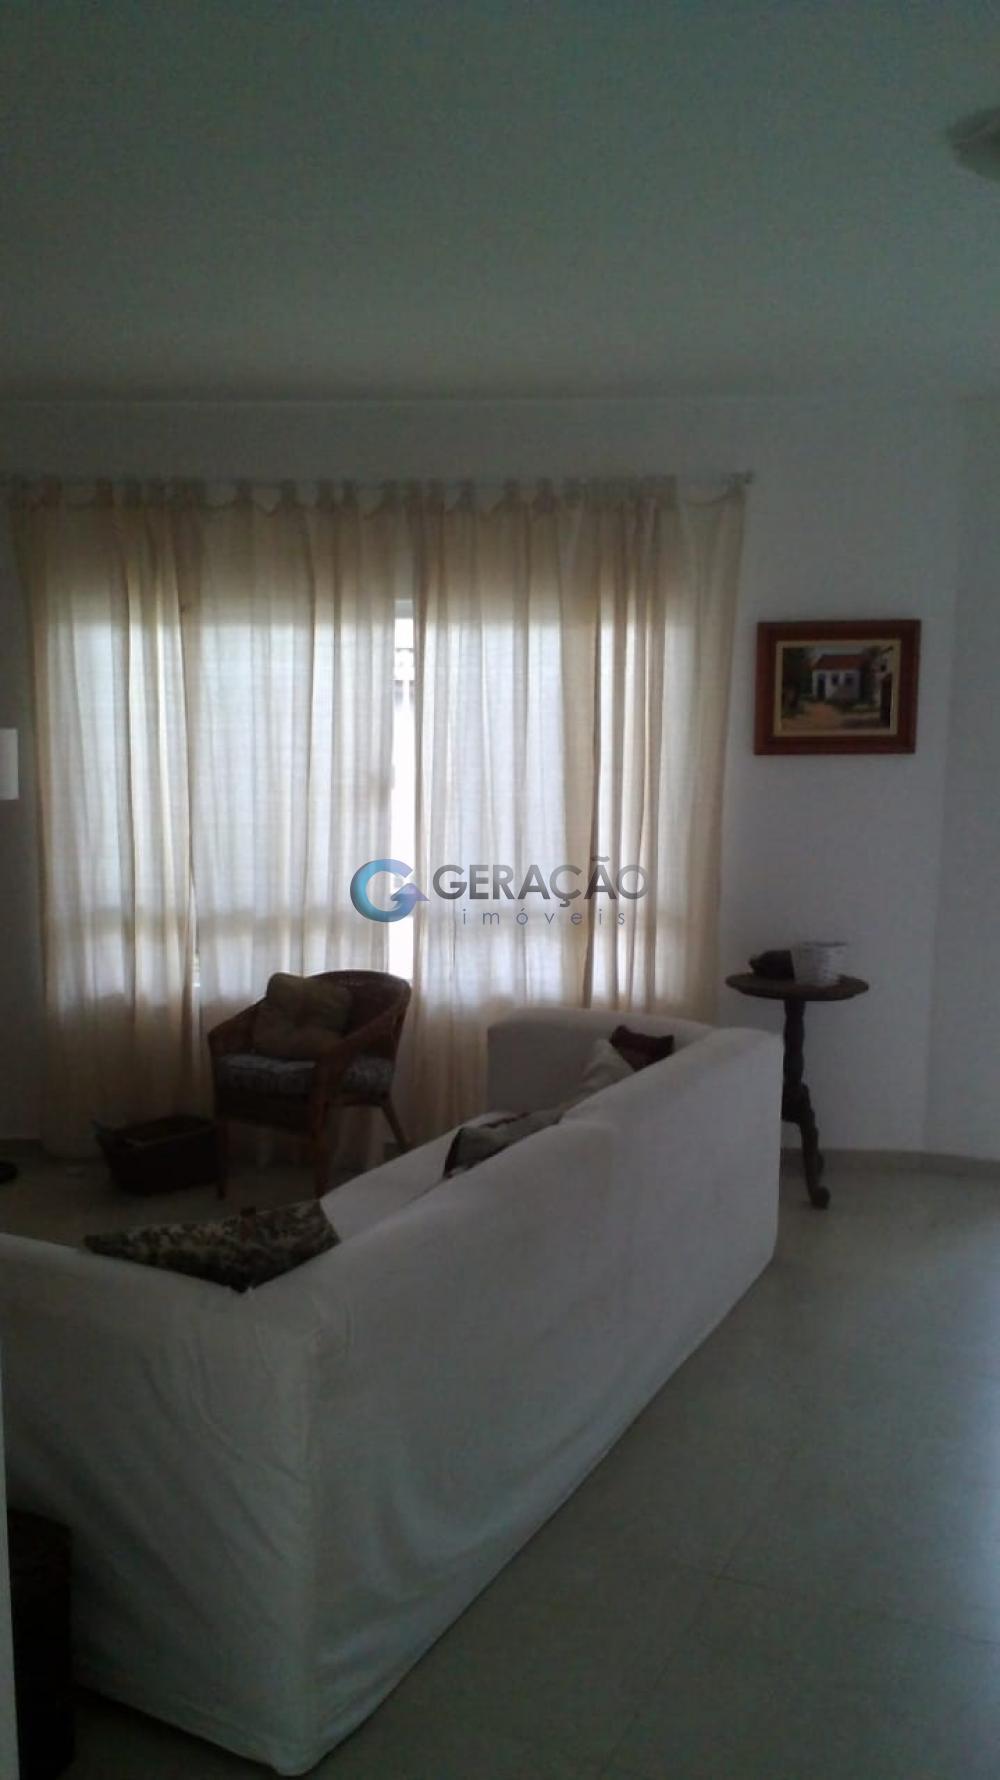 Comprar Casa / Sobrado em São José dos Campos R$ 450.000,00 - Foto 4